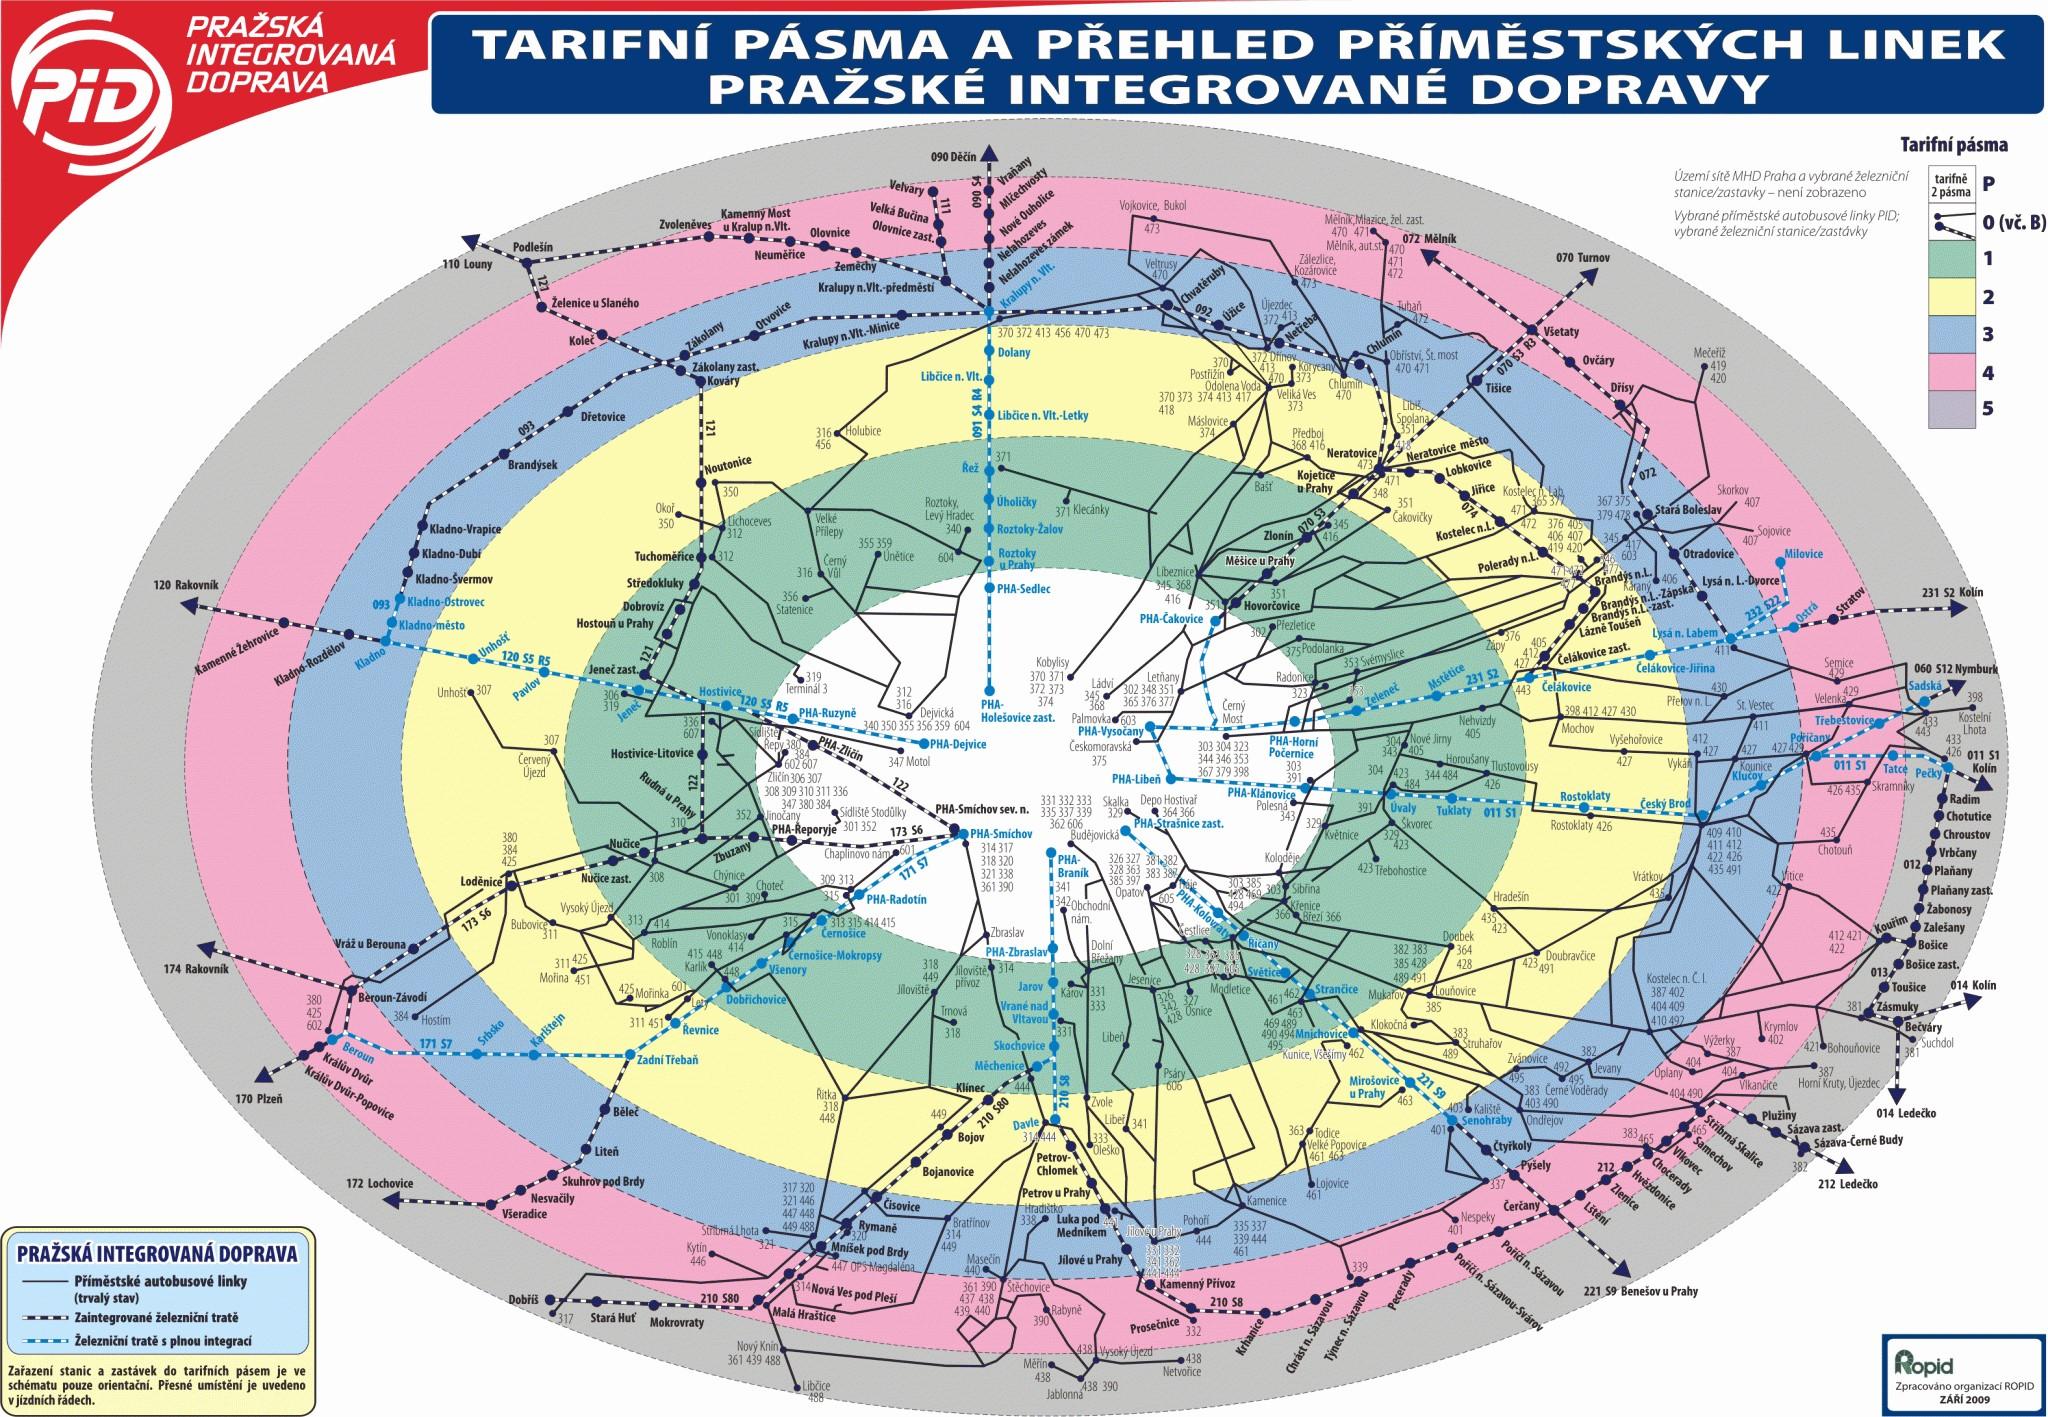 Tarifní pásma PID detailně pražská integrovaná doprava